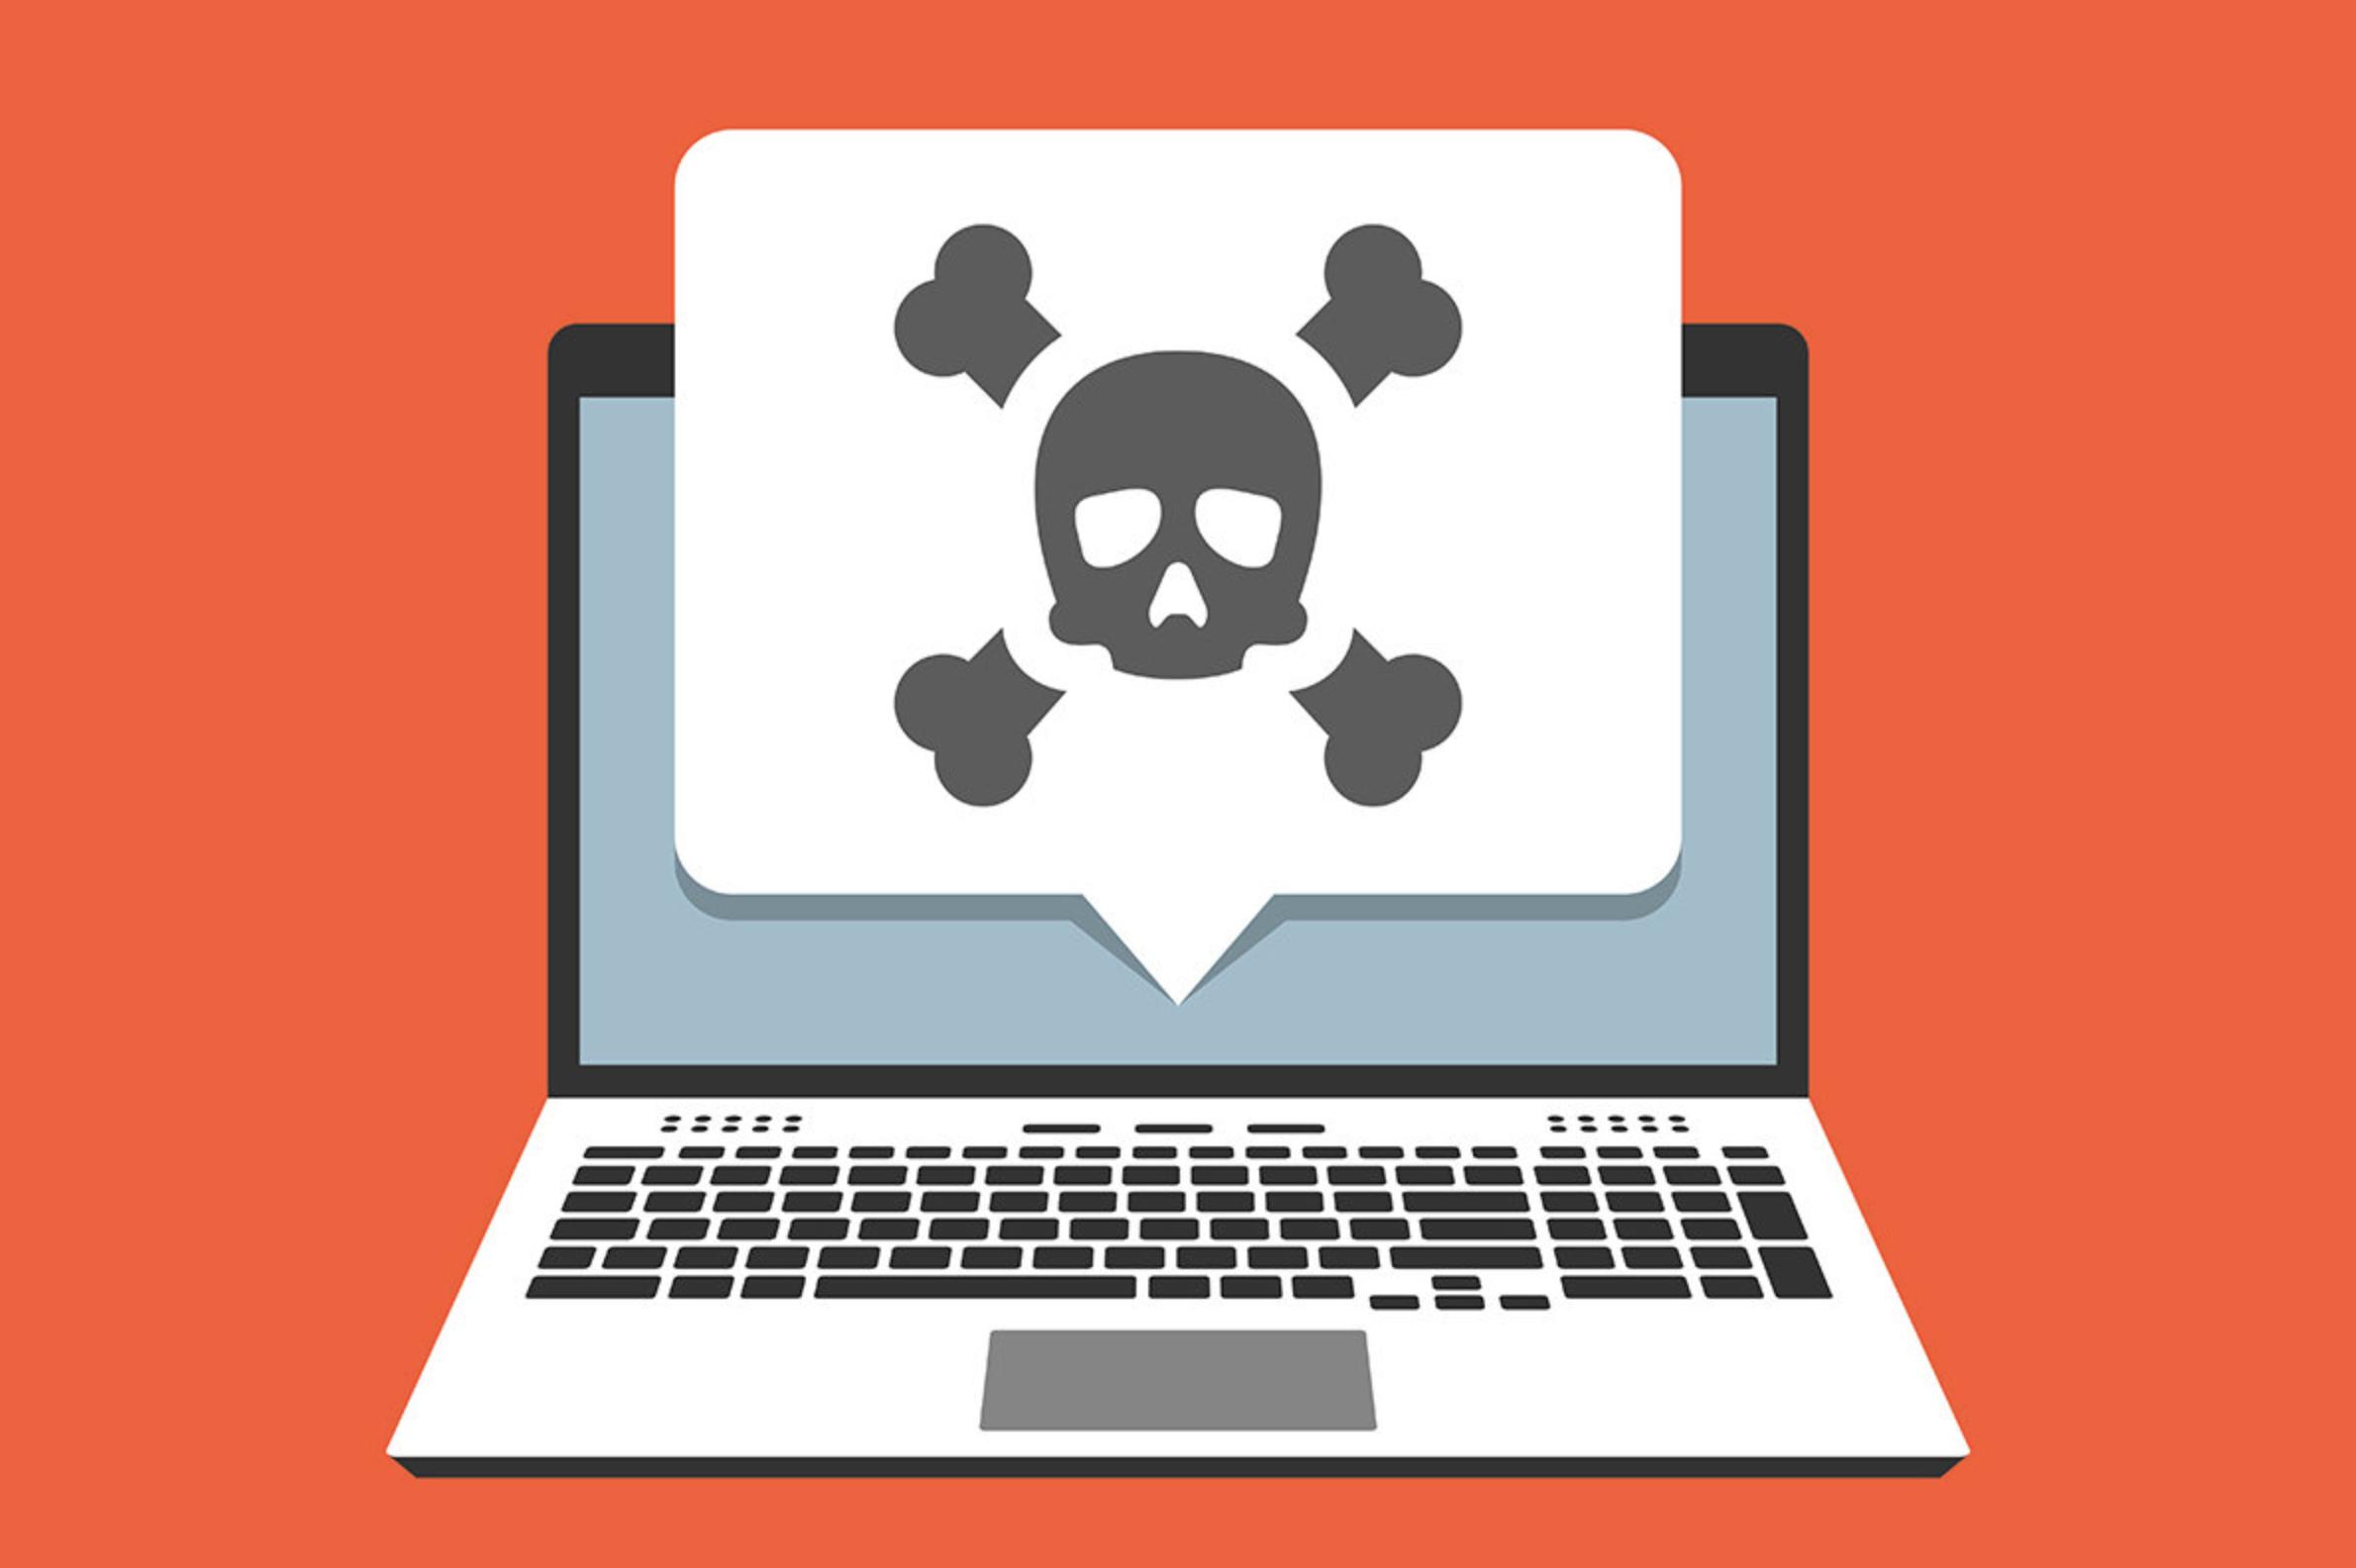 Beware of the Malware